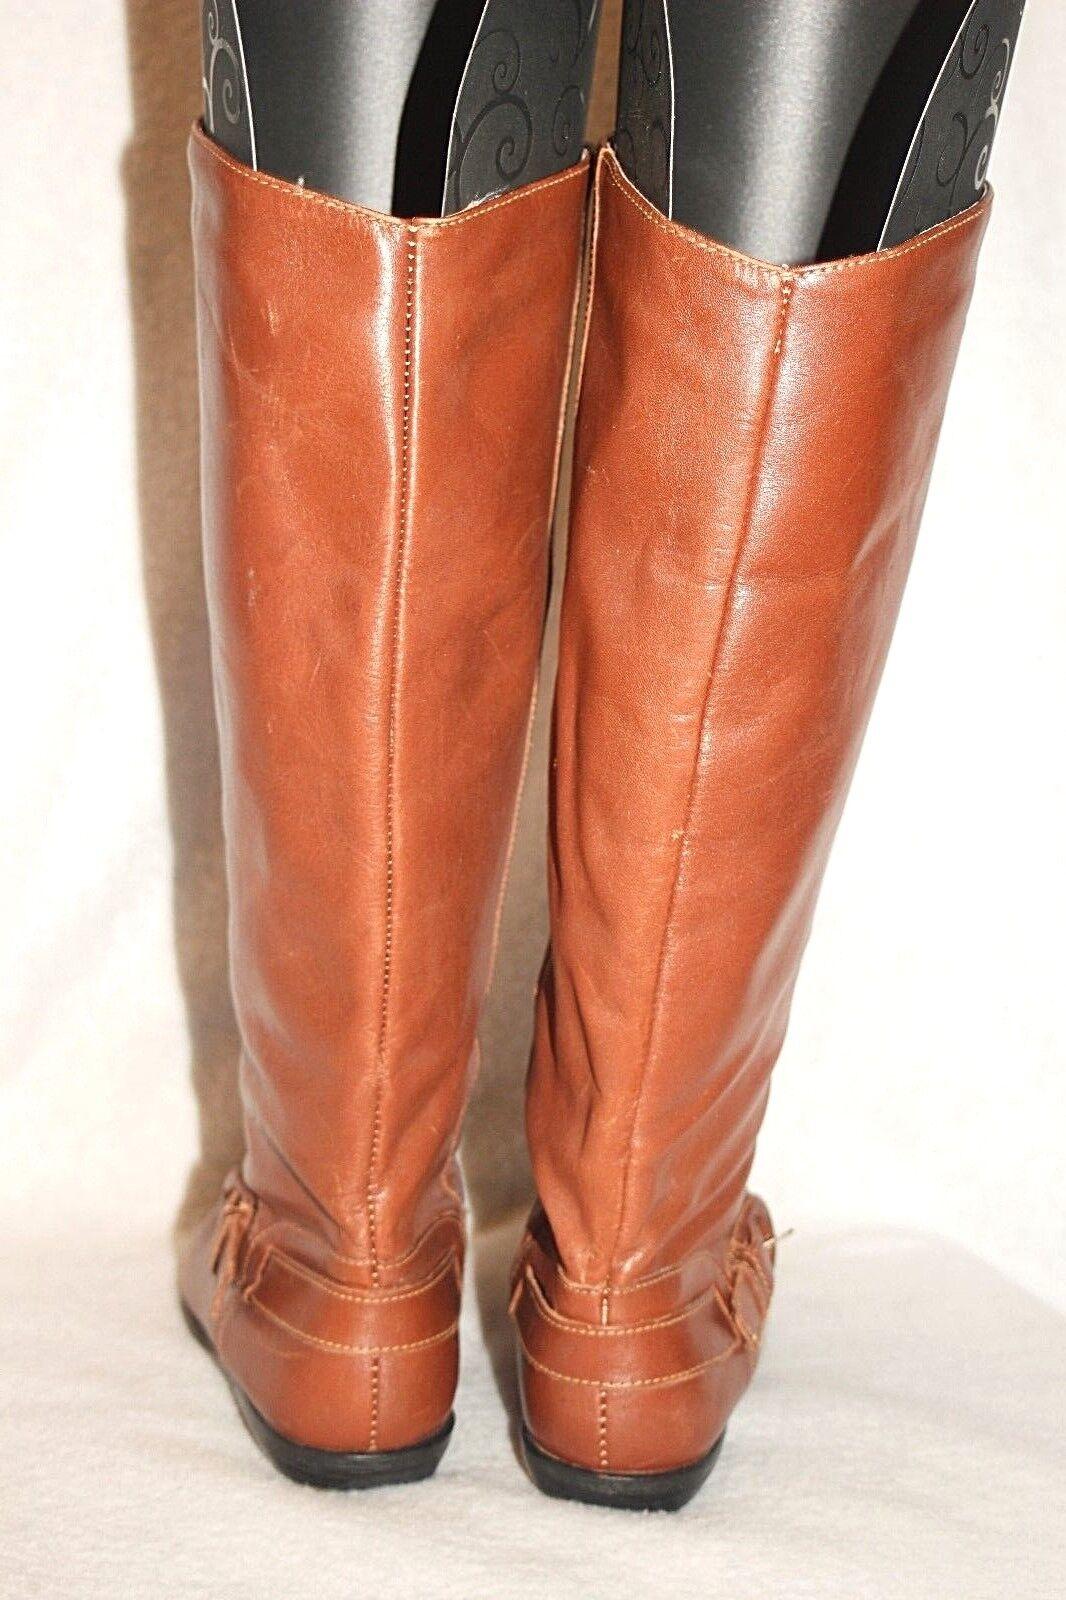 APOSTROPHE Femme Bottes cavalières hautes en cuir cognac marron Brésil Sz 5 VG +++